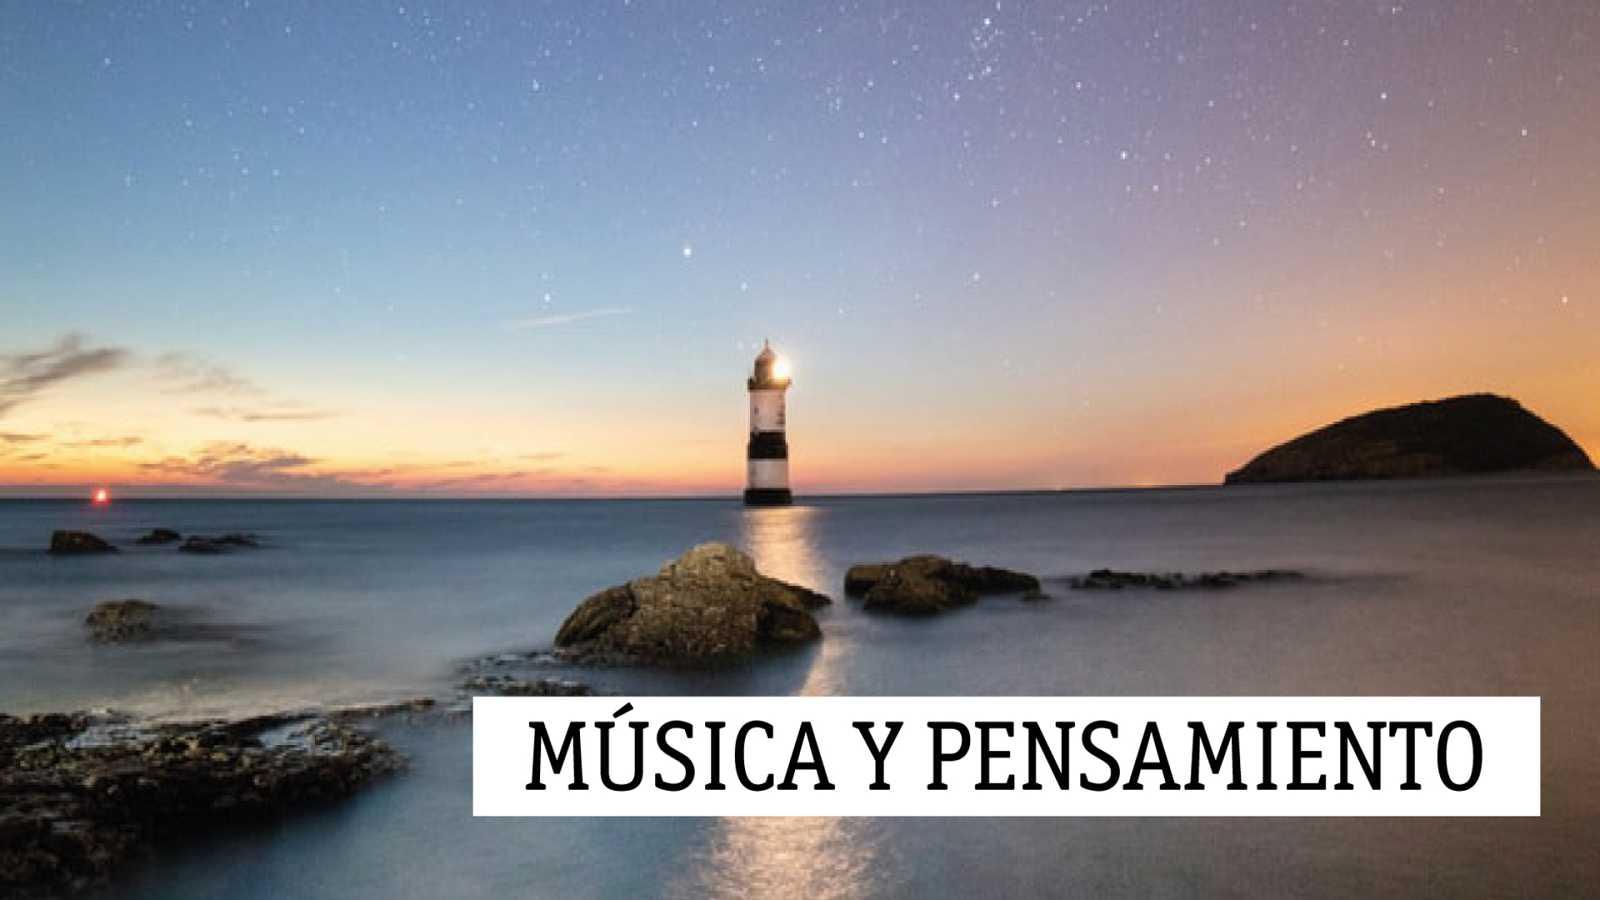 Música y pensamiento - Víktor Frankl - 08/12/19 - escuchar ahora